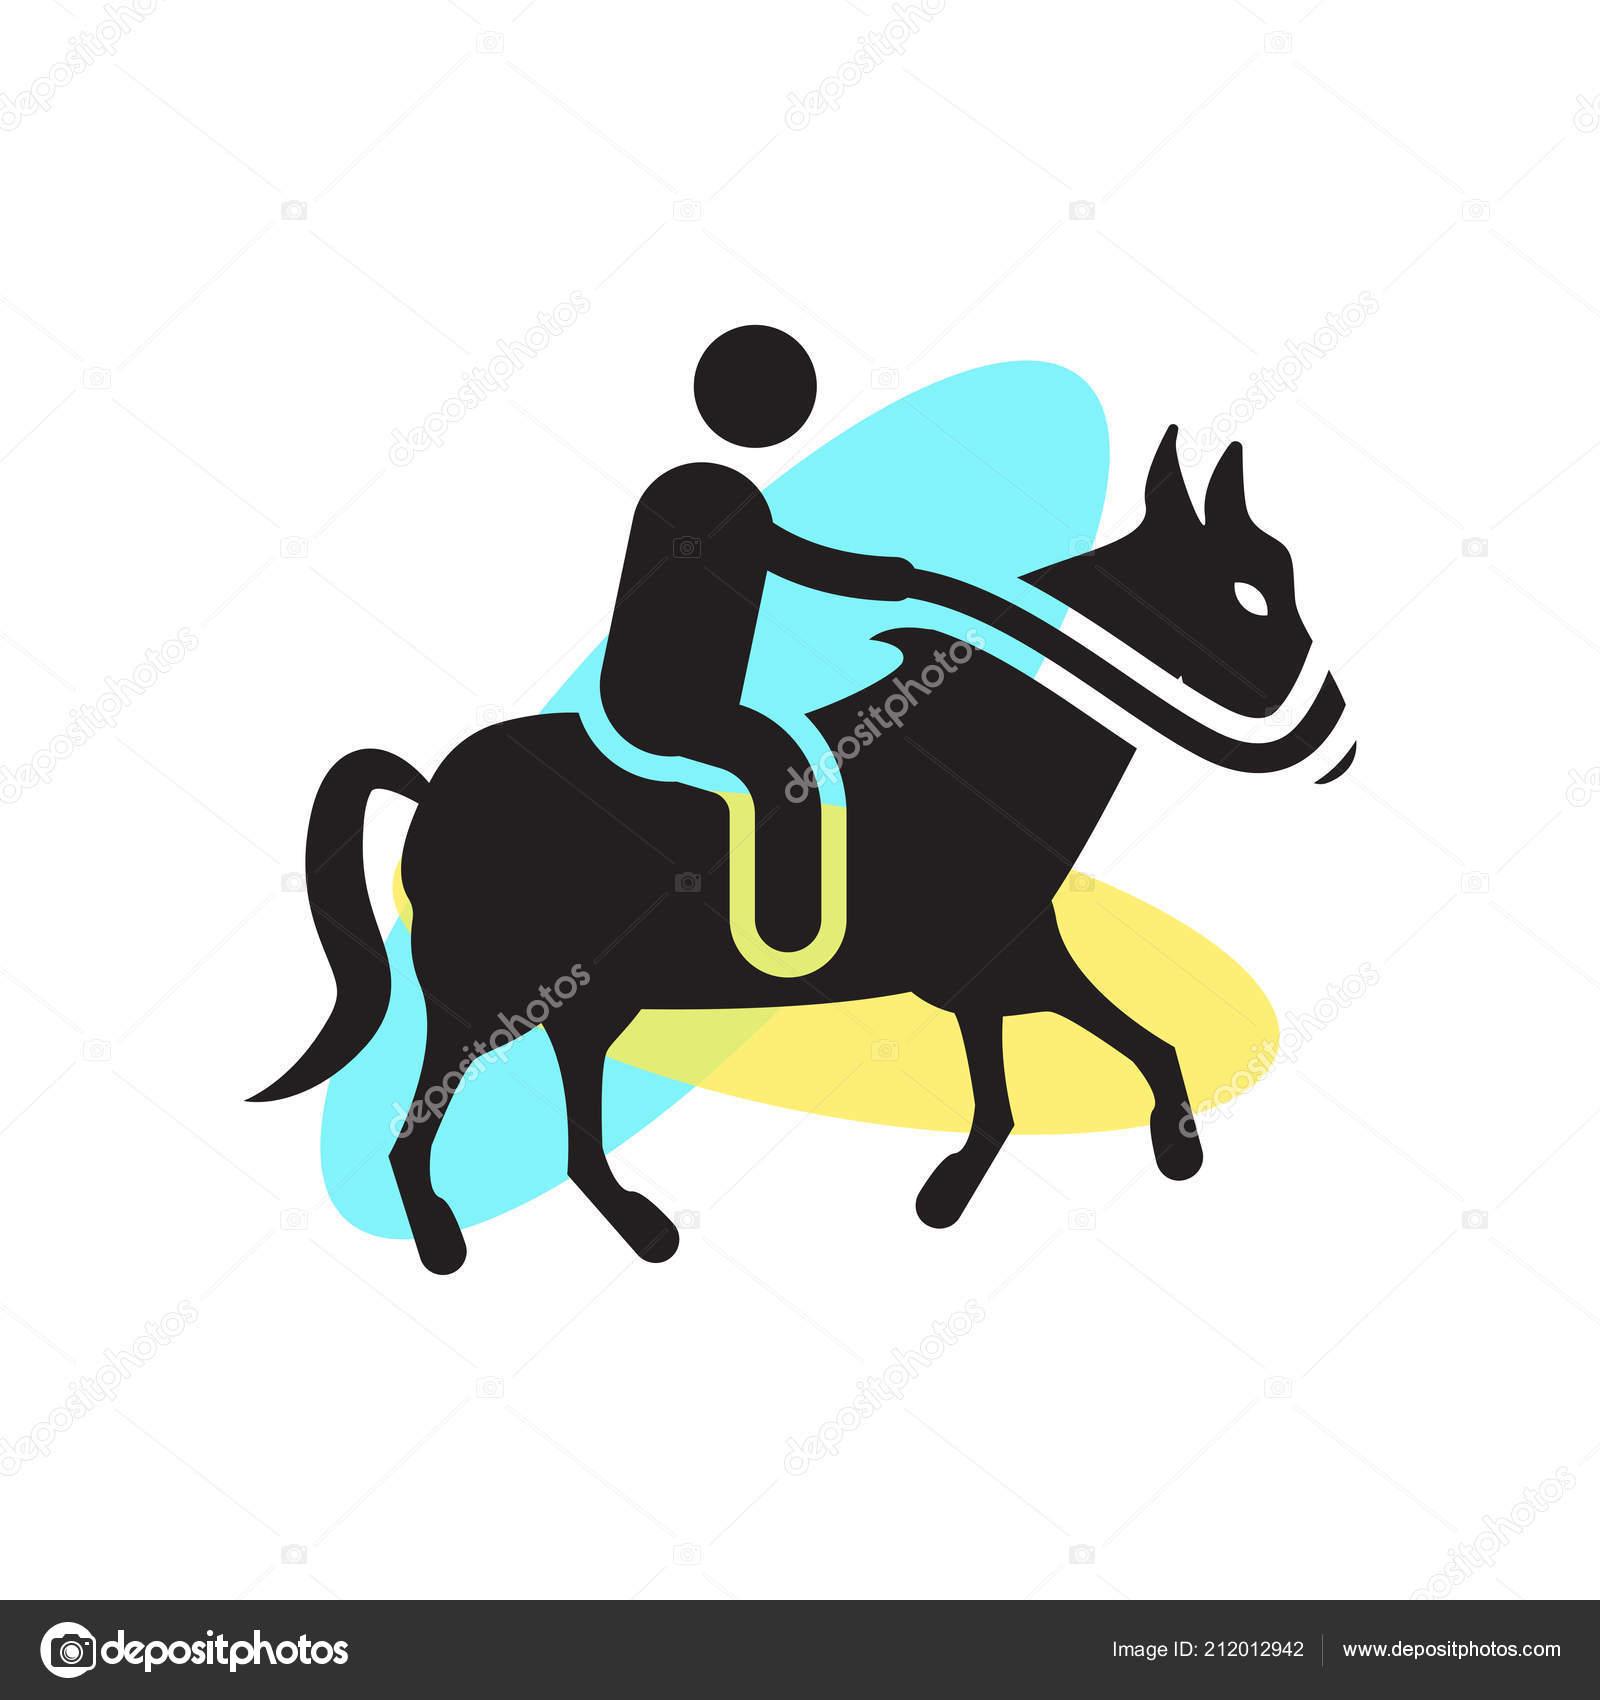 Man riding a horse logo | Man riding a horse icon vector